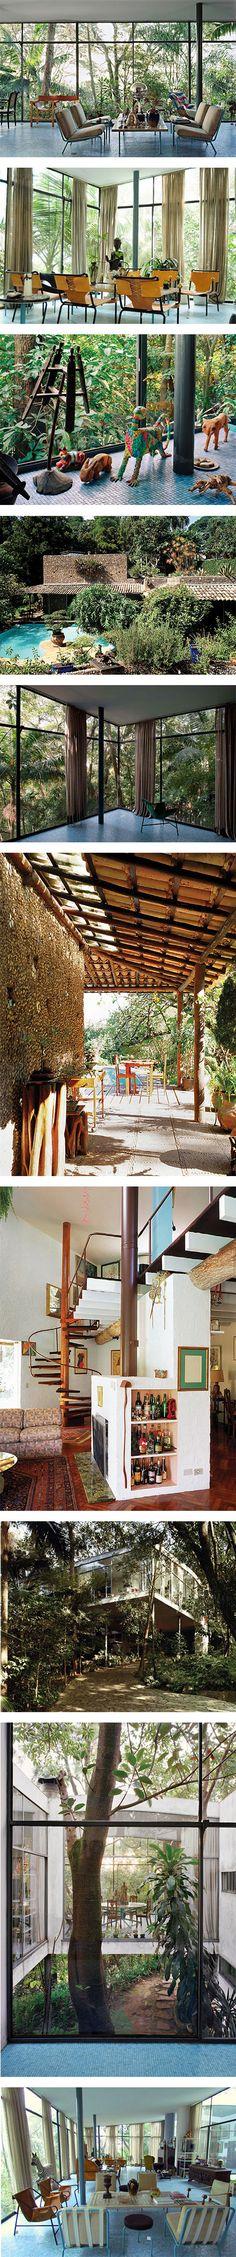 Glass House by Lina Bo Bardi on Nuji.com #glasshouse #linabobardi #brazil